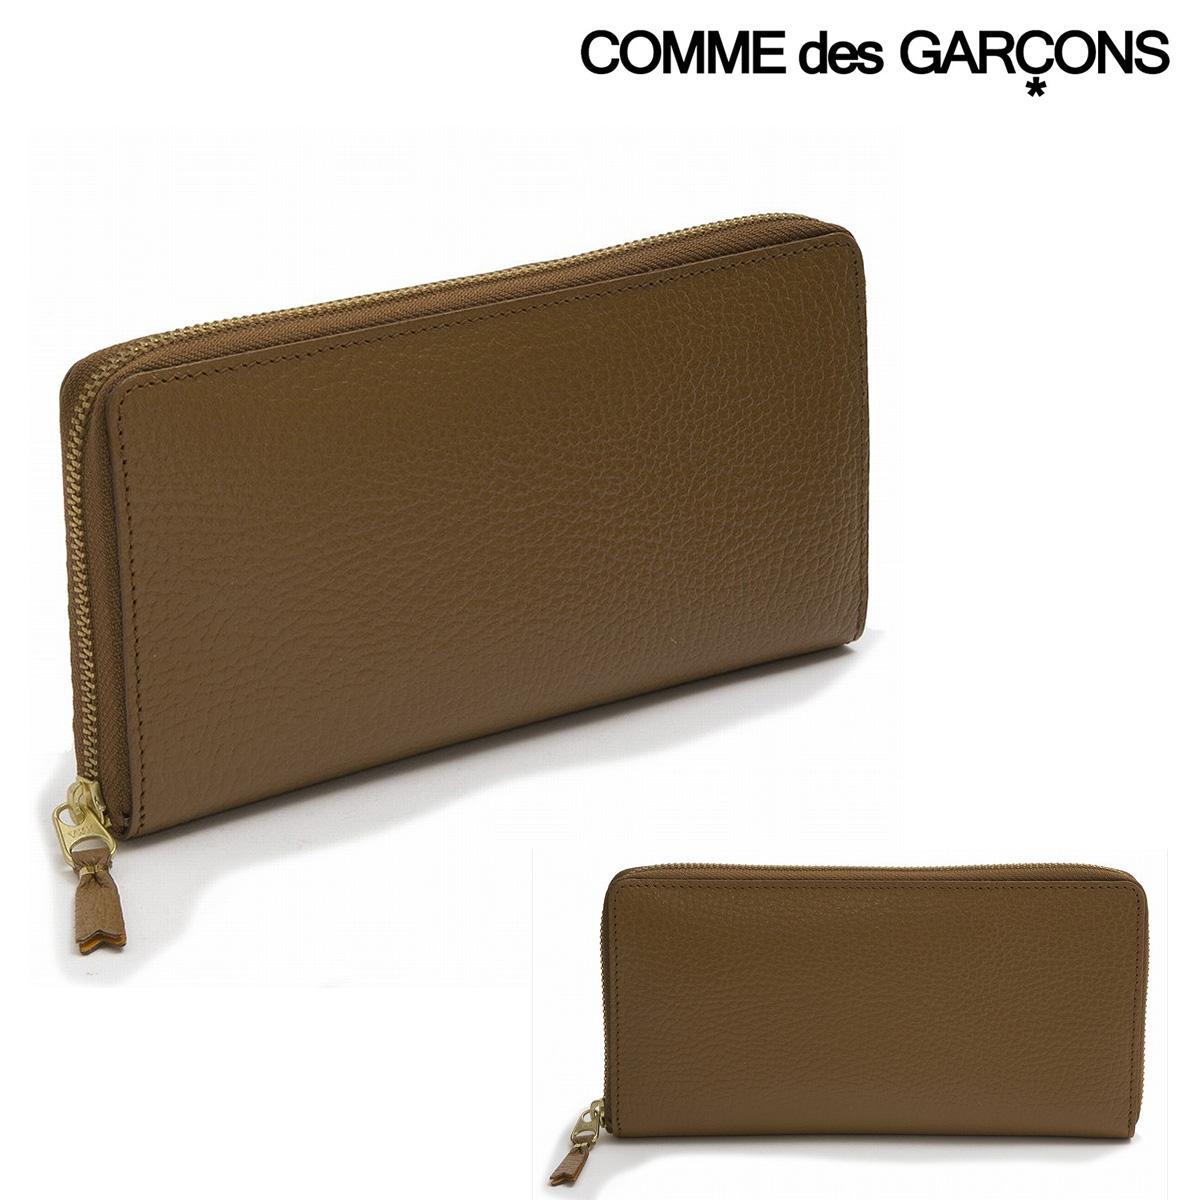 コムデギャルソン 長財布 ラウンドファスナー メンズ レディース SA0110IC COMME des GARCONS | カラー インサイド ウォレット レザー ブランド専用BOX付き